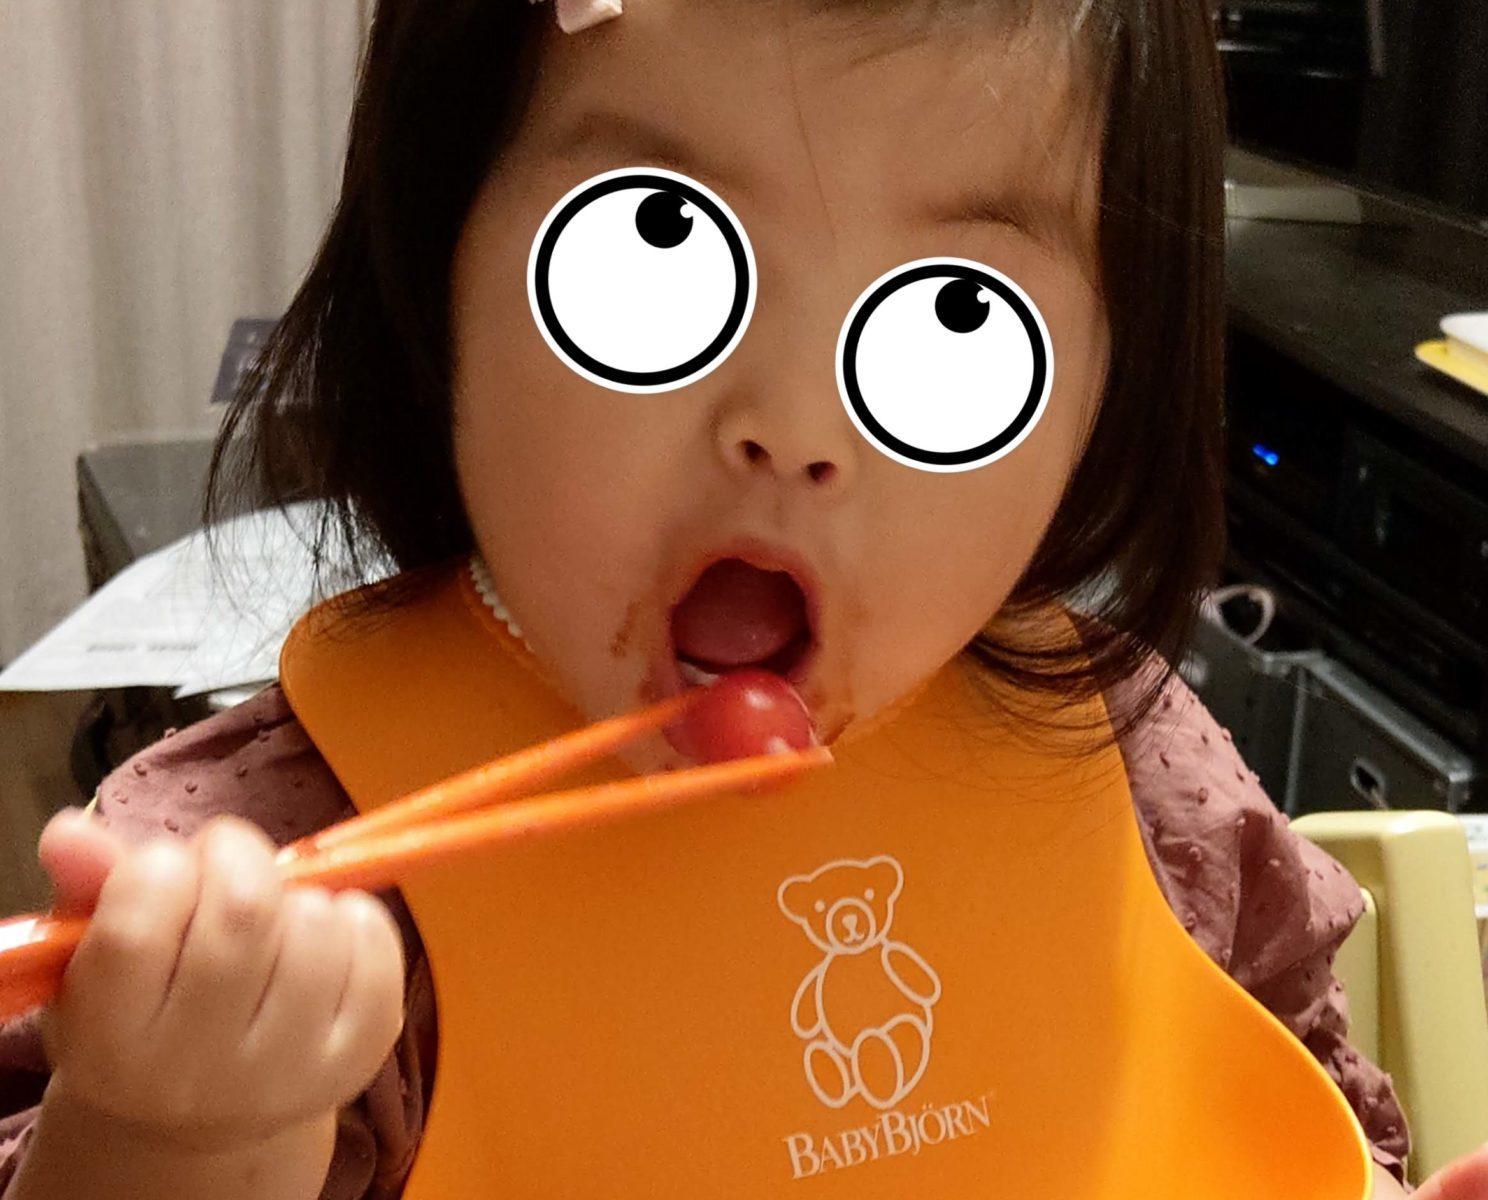 はしでミニトマトを食べる1歳児